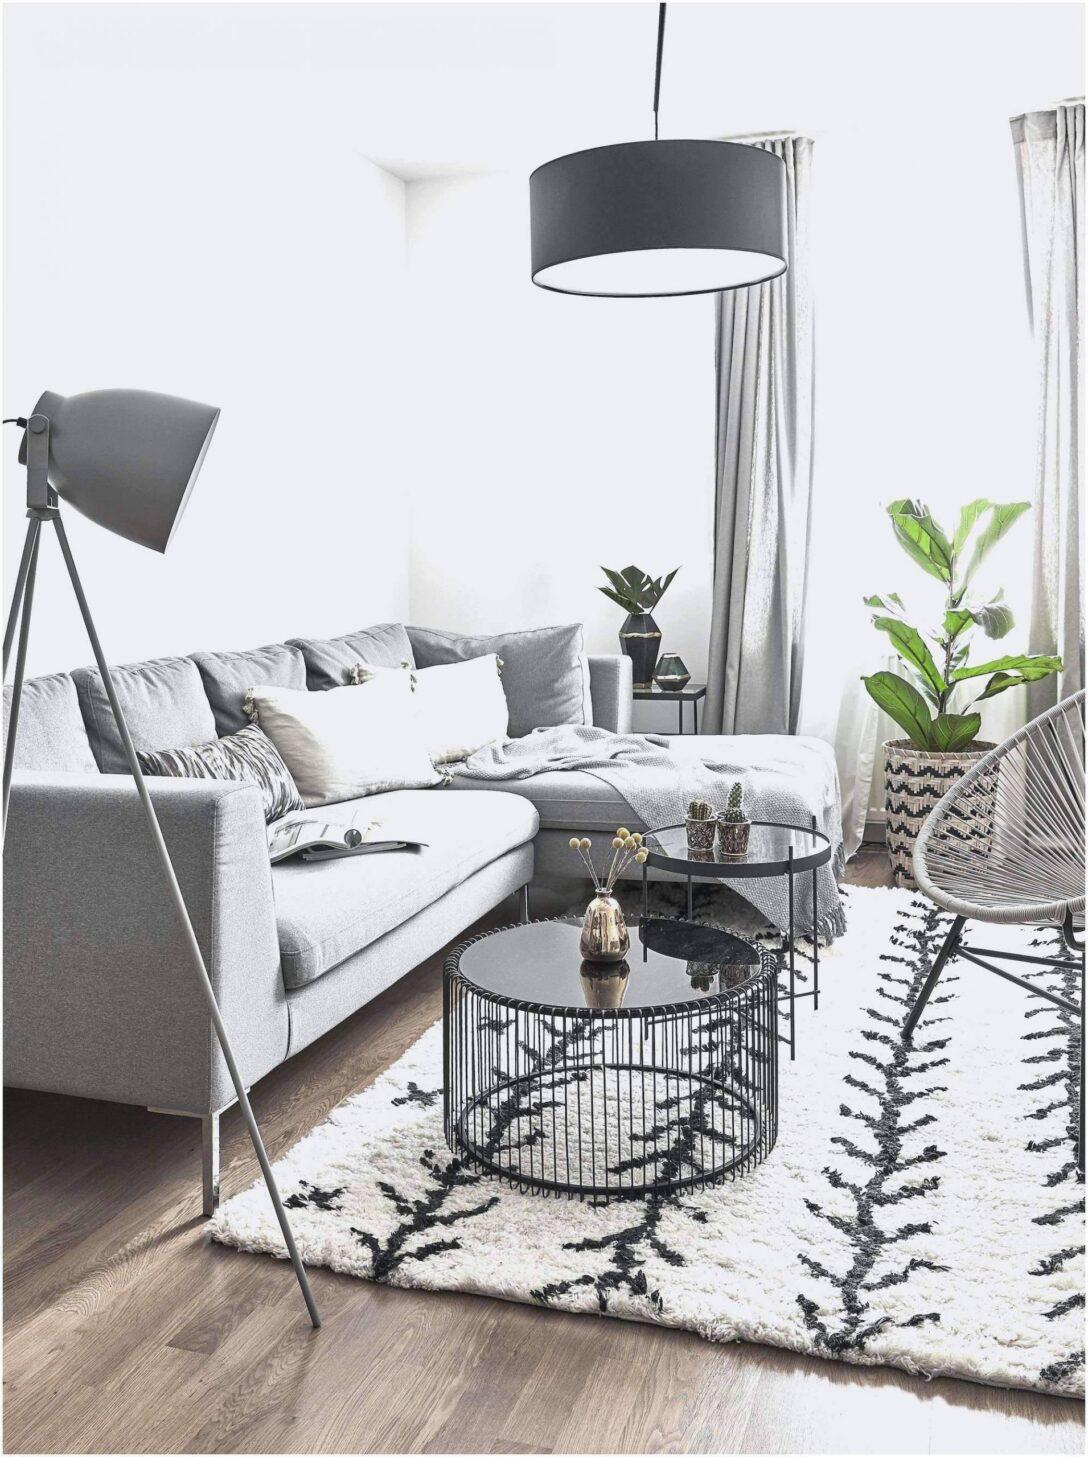 Large Size of Relaxliege Wohnzimmer Ikea Küche Kaufen Board Decke Liege Gardinen Für Fototapete Landhausstil Miniküche Sessel Indirekte Beleuchtung Hängeschrank Weiß Wohnzimmer Relaxliege Wohnzimmer Ikea